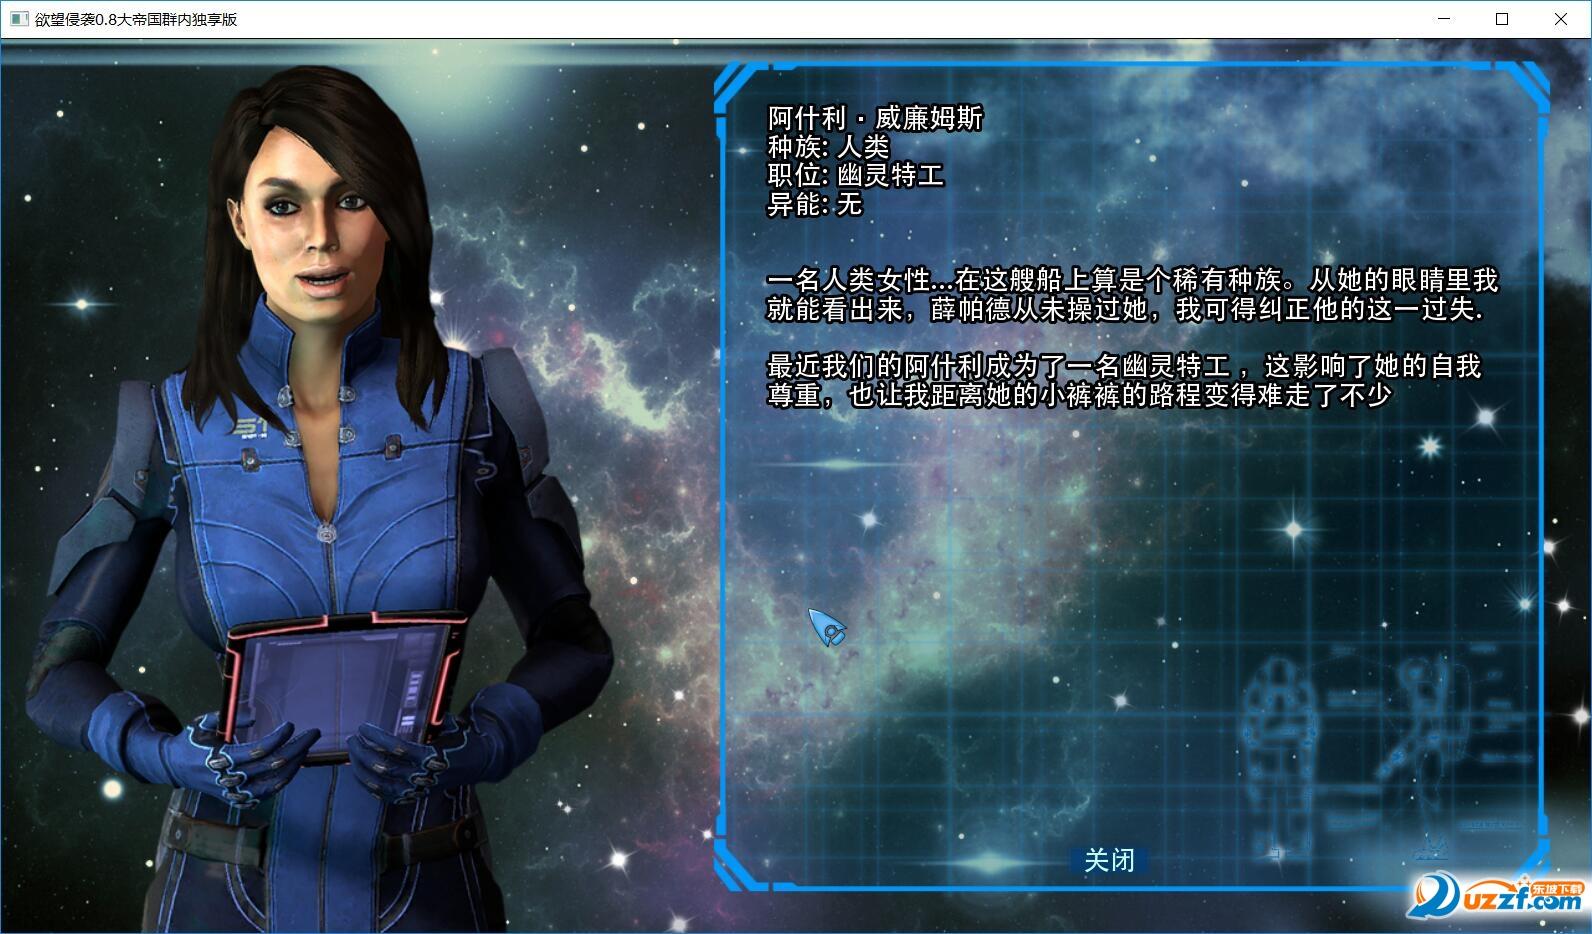 欲望的侵袭0.8中文版截图0